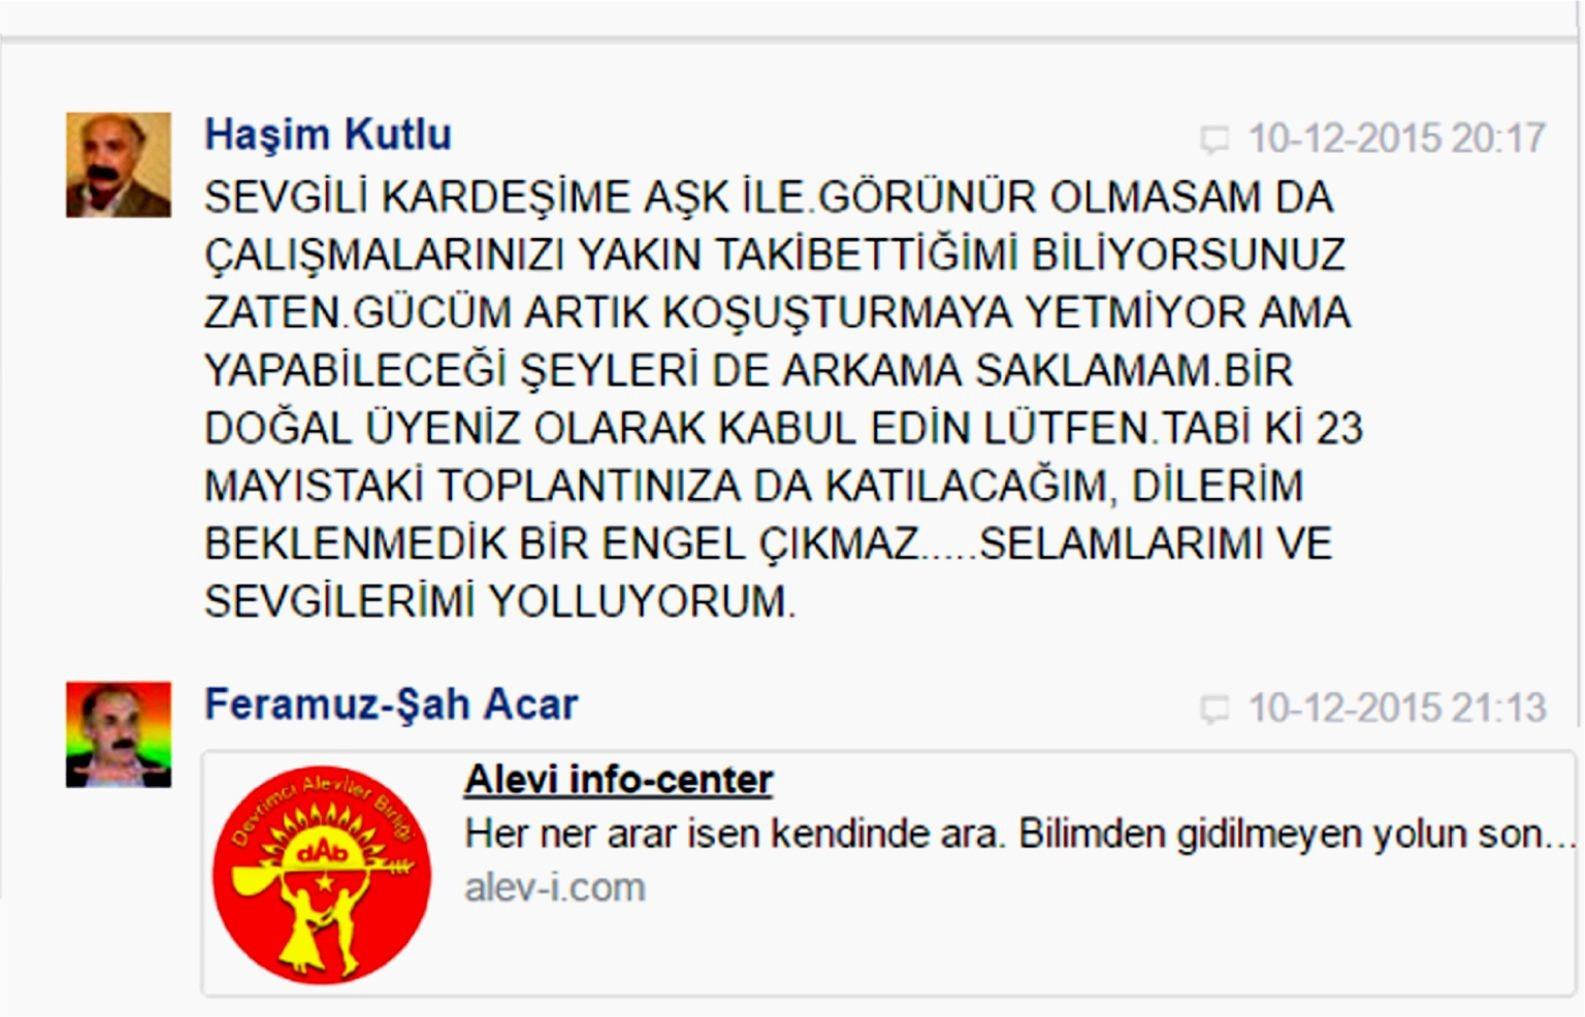 Devrimci Aleviler Birliği DAB Alevi Kızılbaş Bektaşi pir sultan cem hz Ali 12 imam semah Feramuz Şah Acar hasim kutlu 2